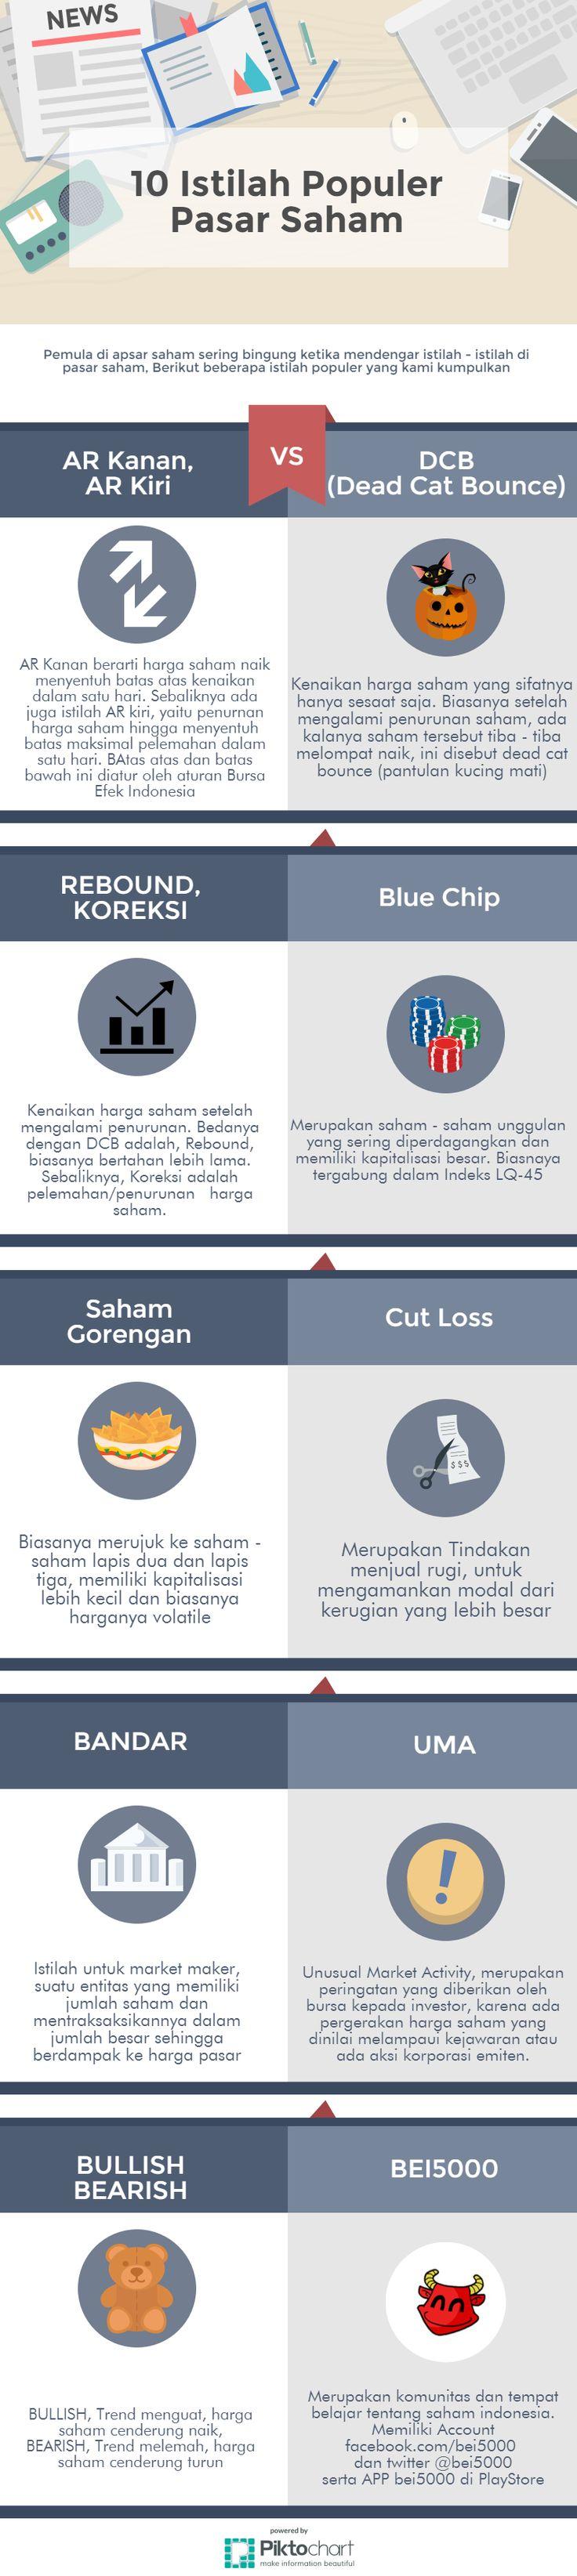 10 Istilah Pasar Saham